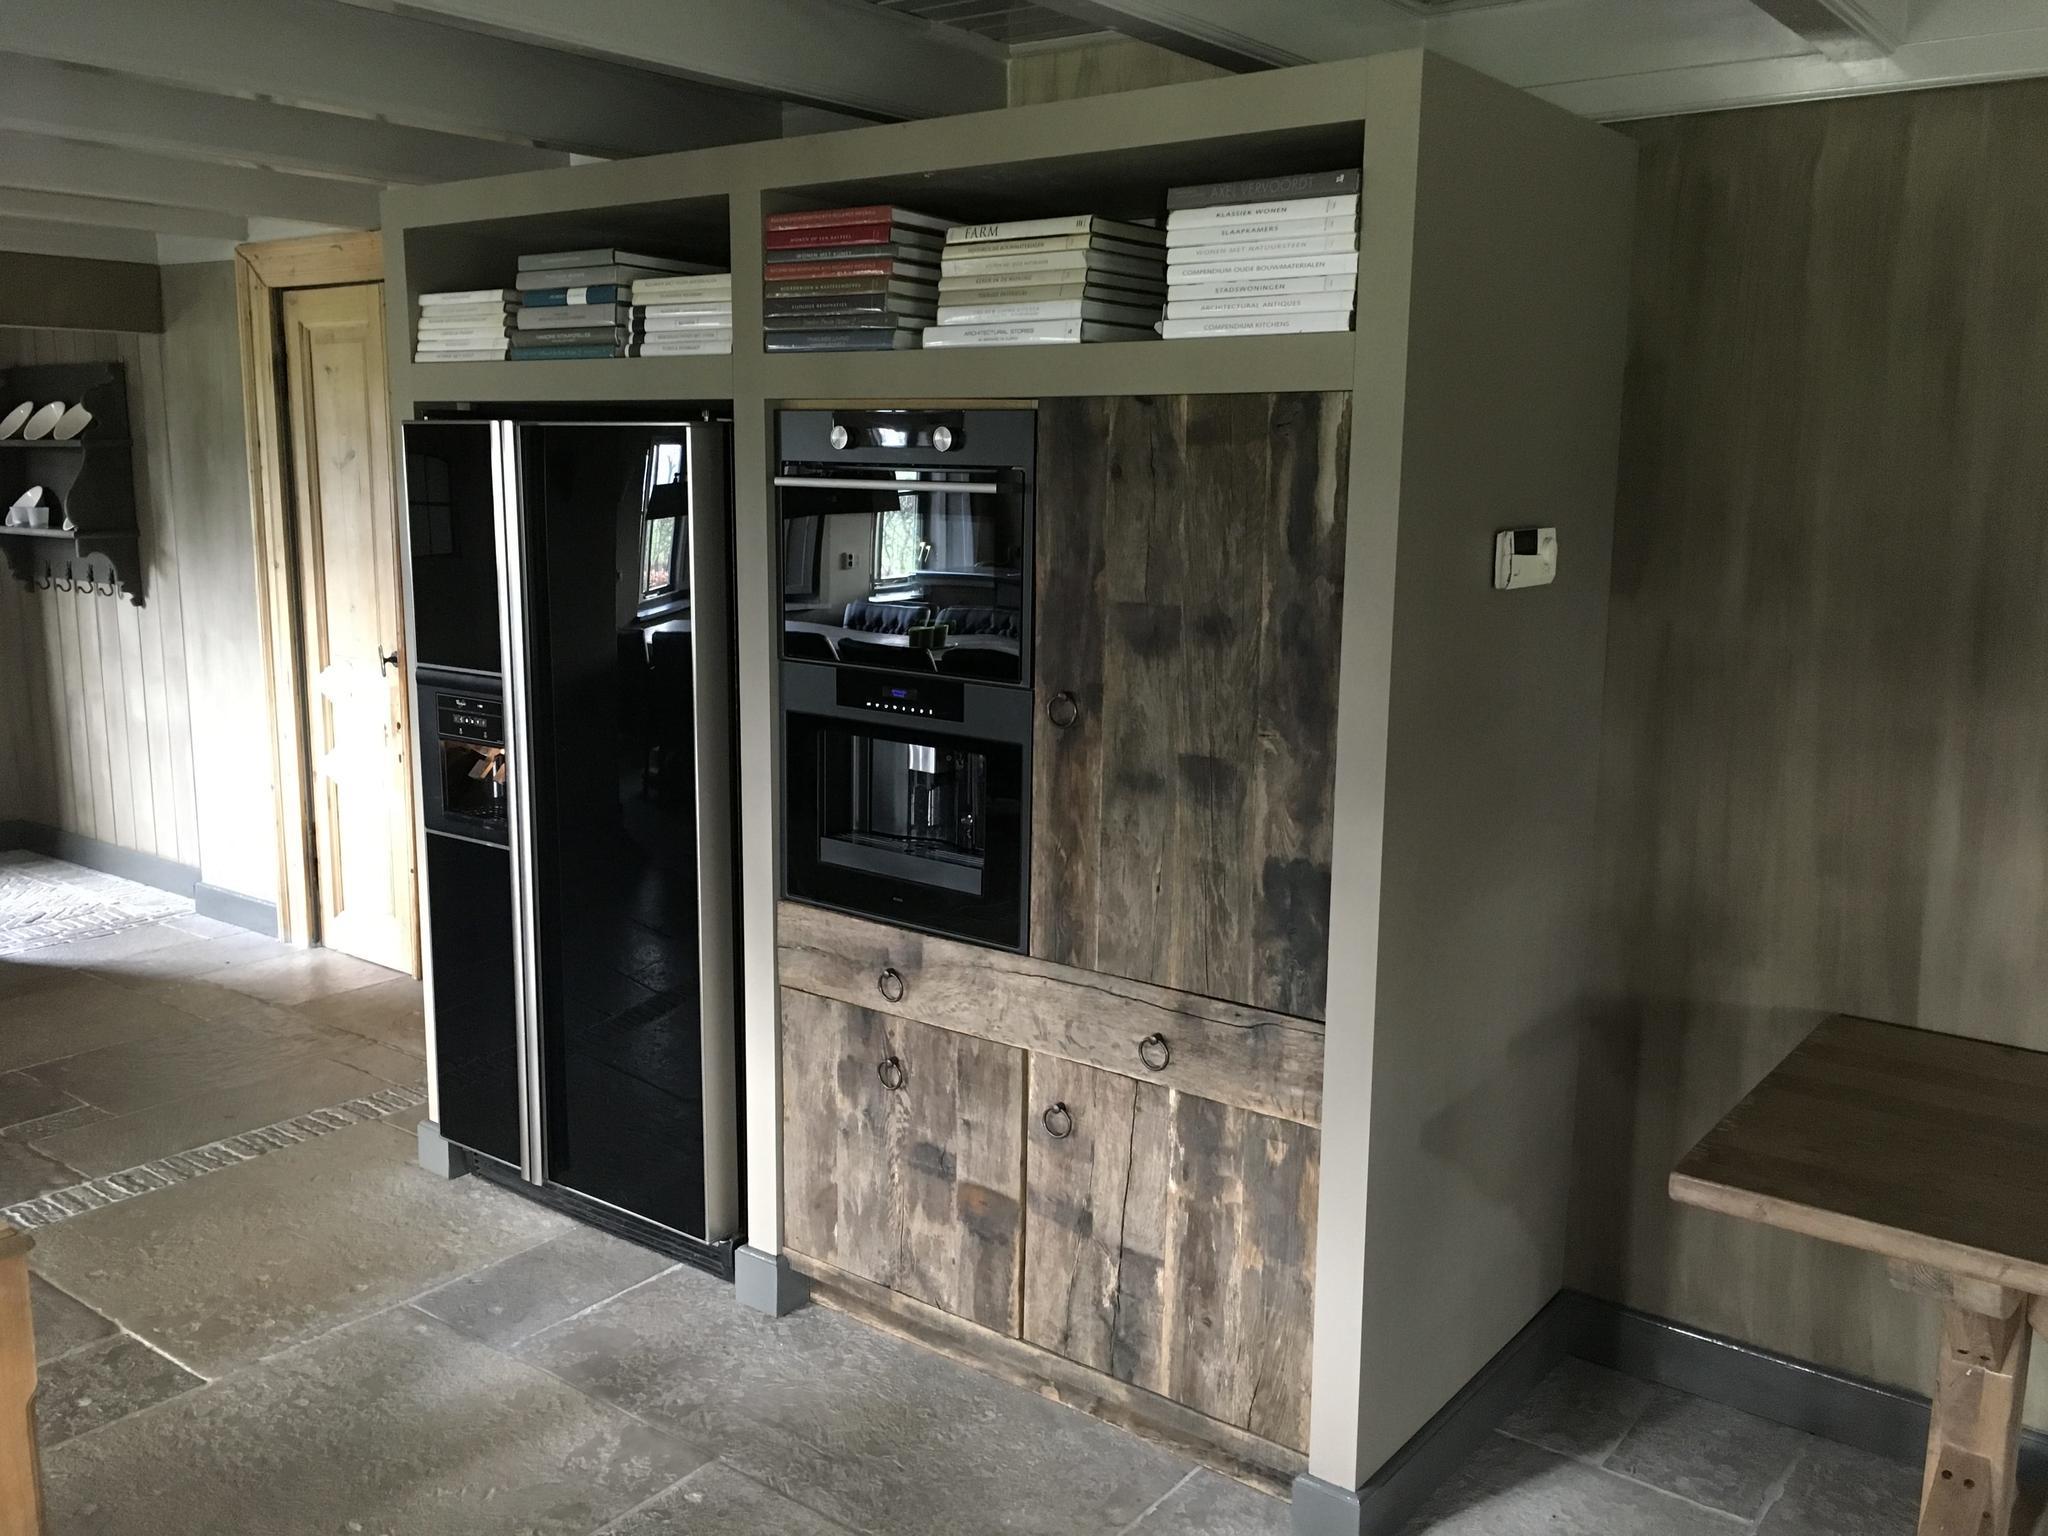 Landelijke keuken kopen? uit eigen werkplaats eigen ontwerp in